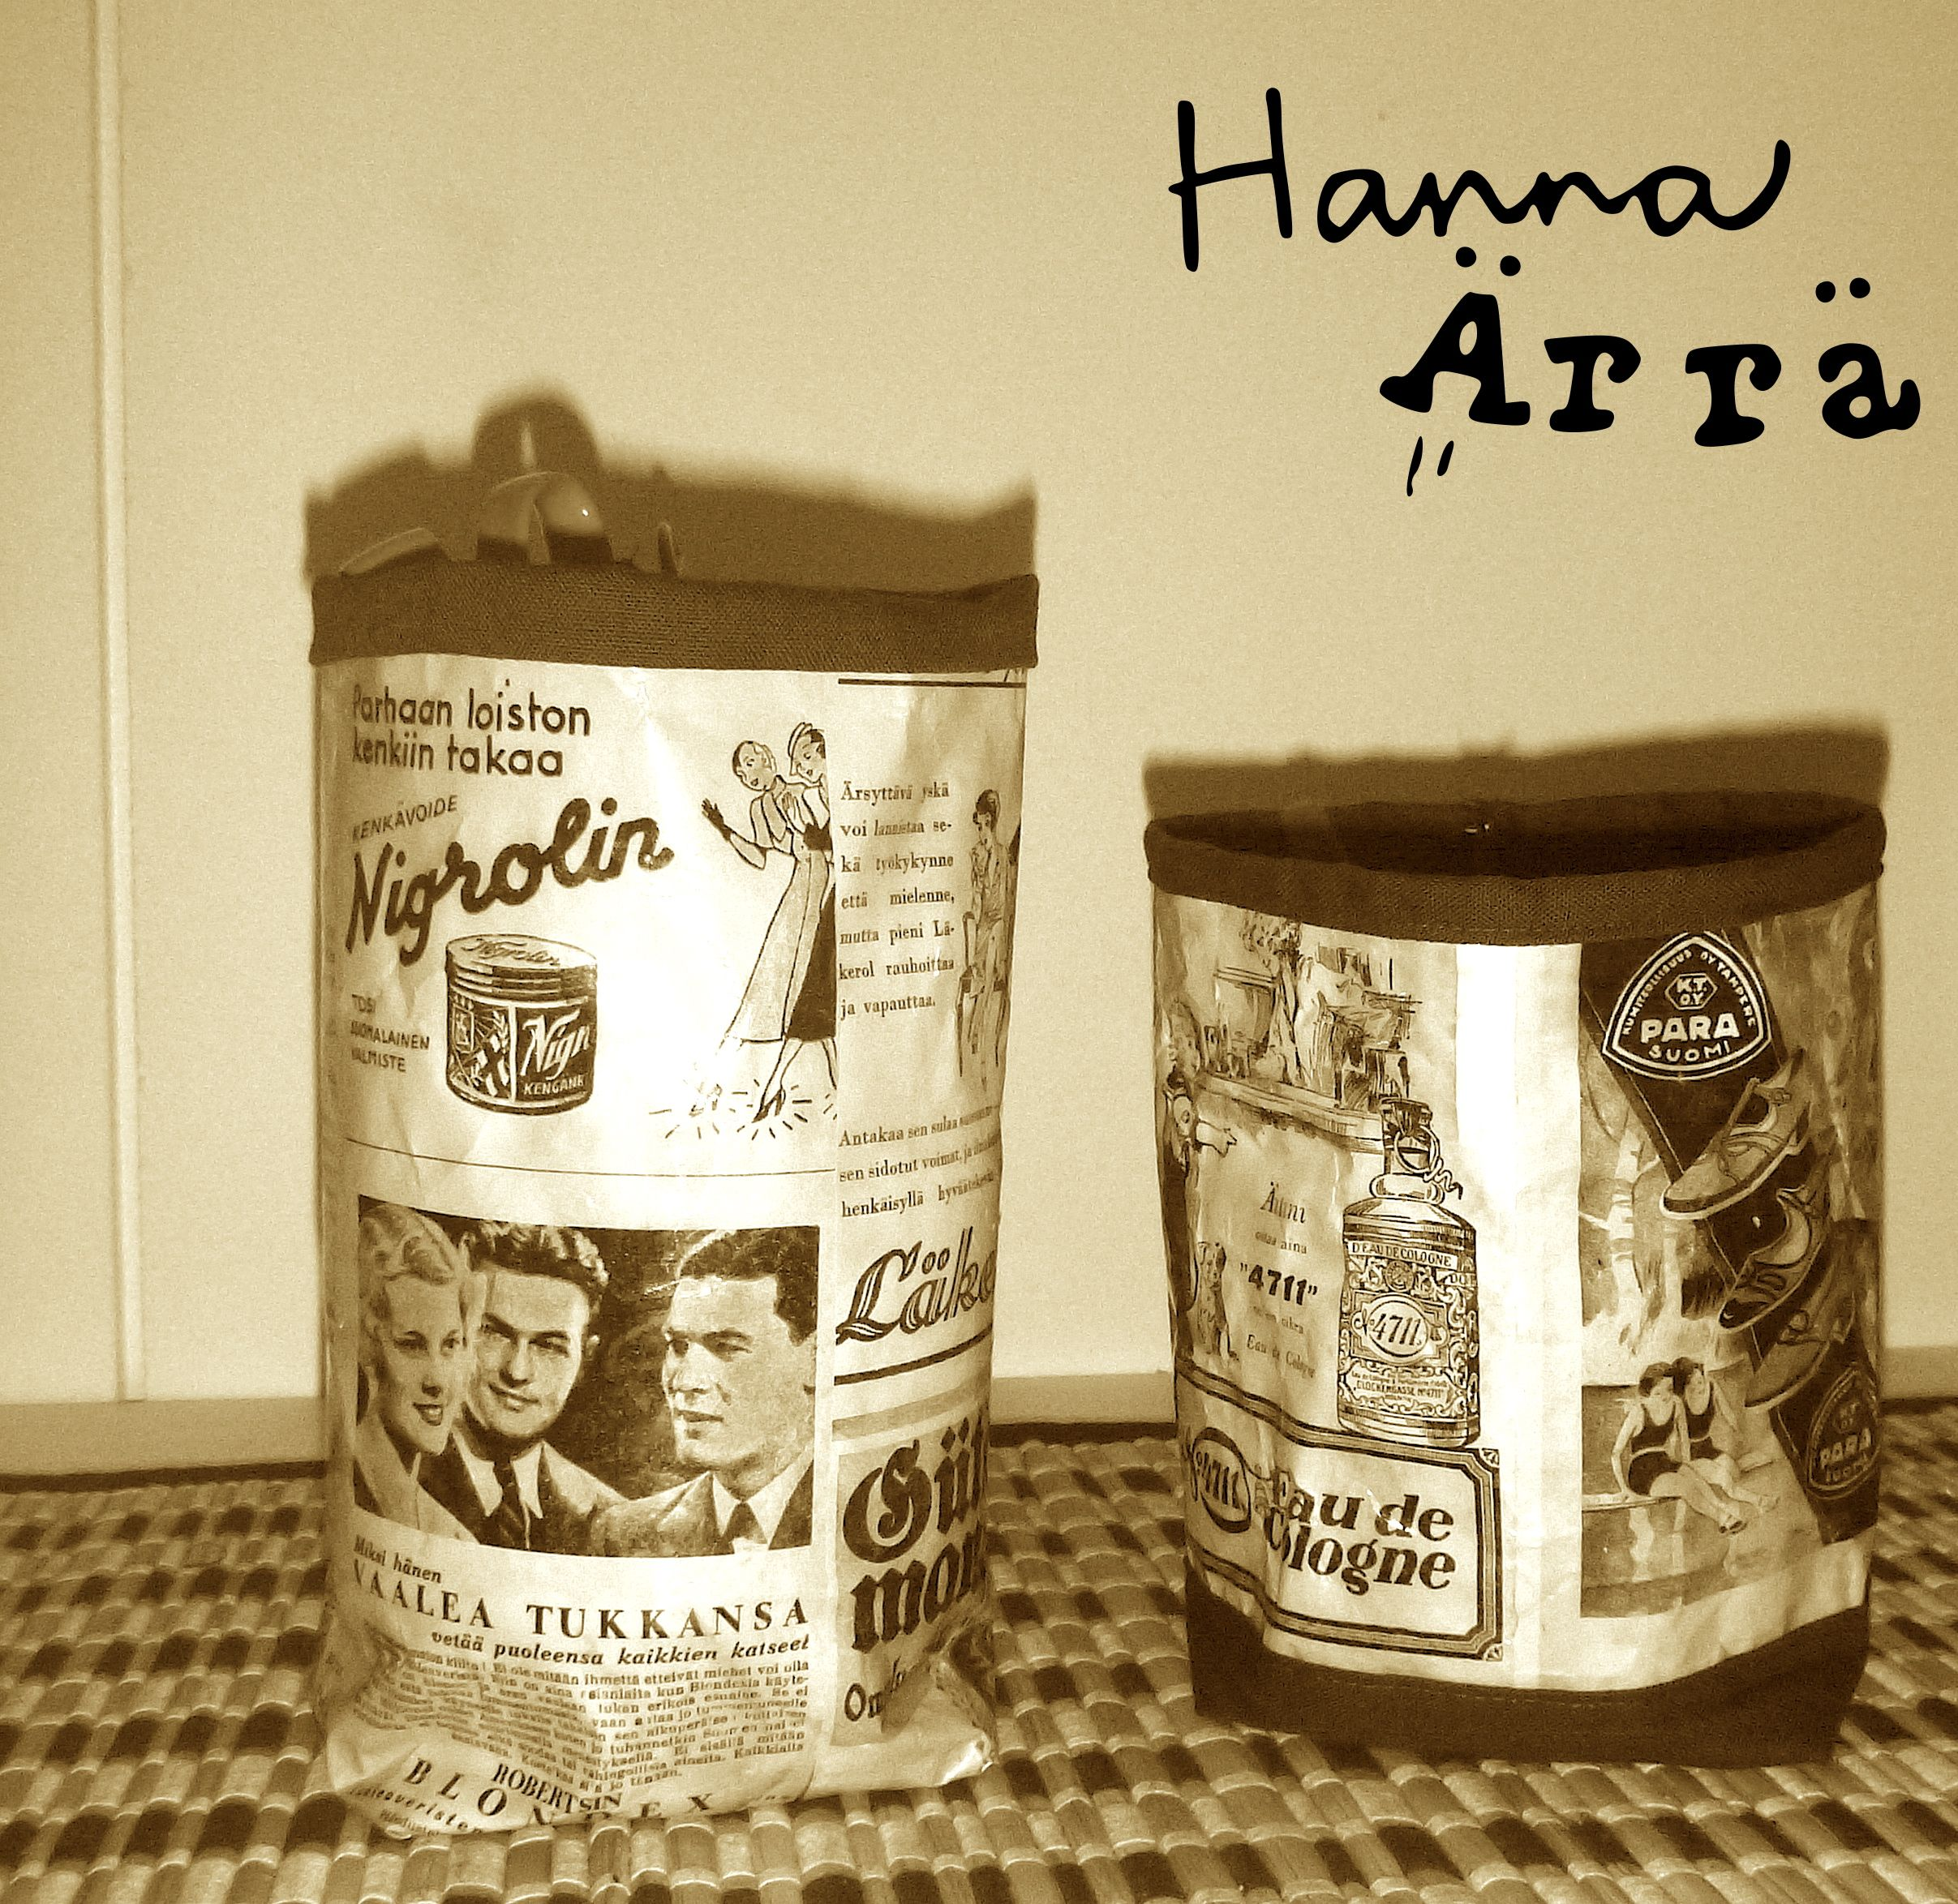 Kopio vanhasta mainossivusta maalataan kahvilla ja päällystetään kontaktimuovilla ja ommellaan lahjapussiksi, purkinsuojaksi tmv. käyttöön